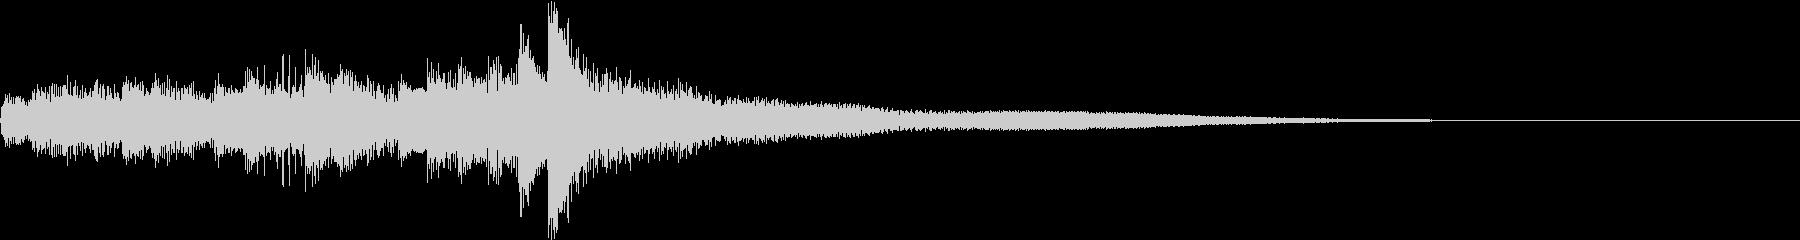 不思議なアルペジオのピアノジングルの未再生の波形